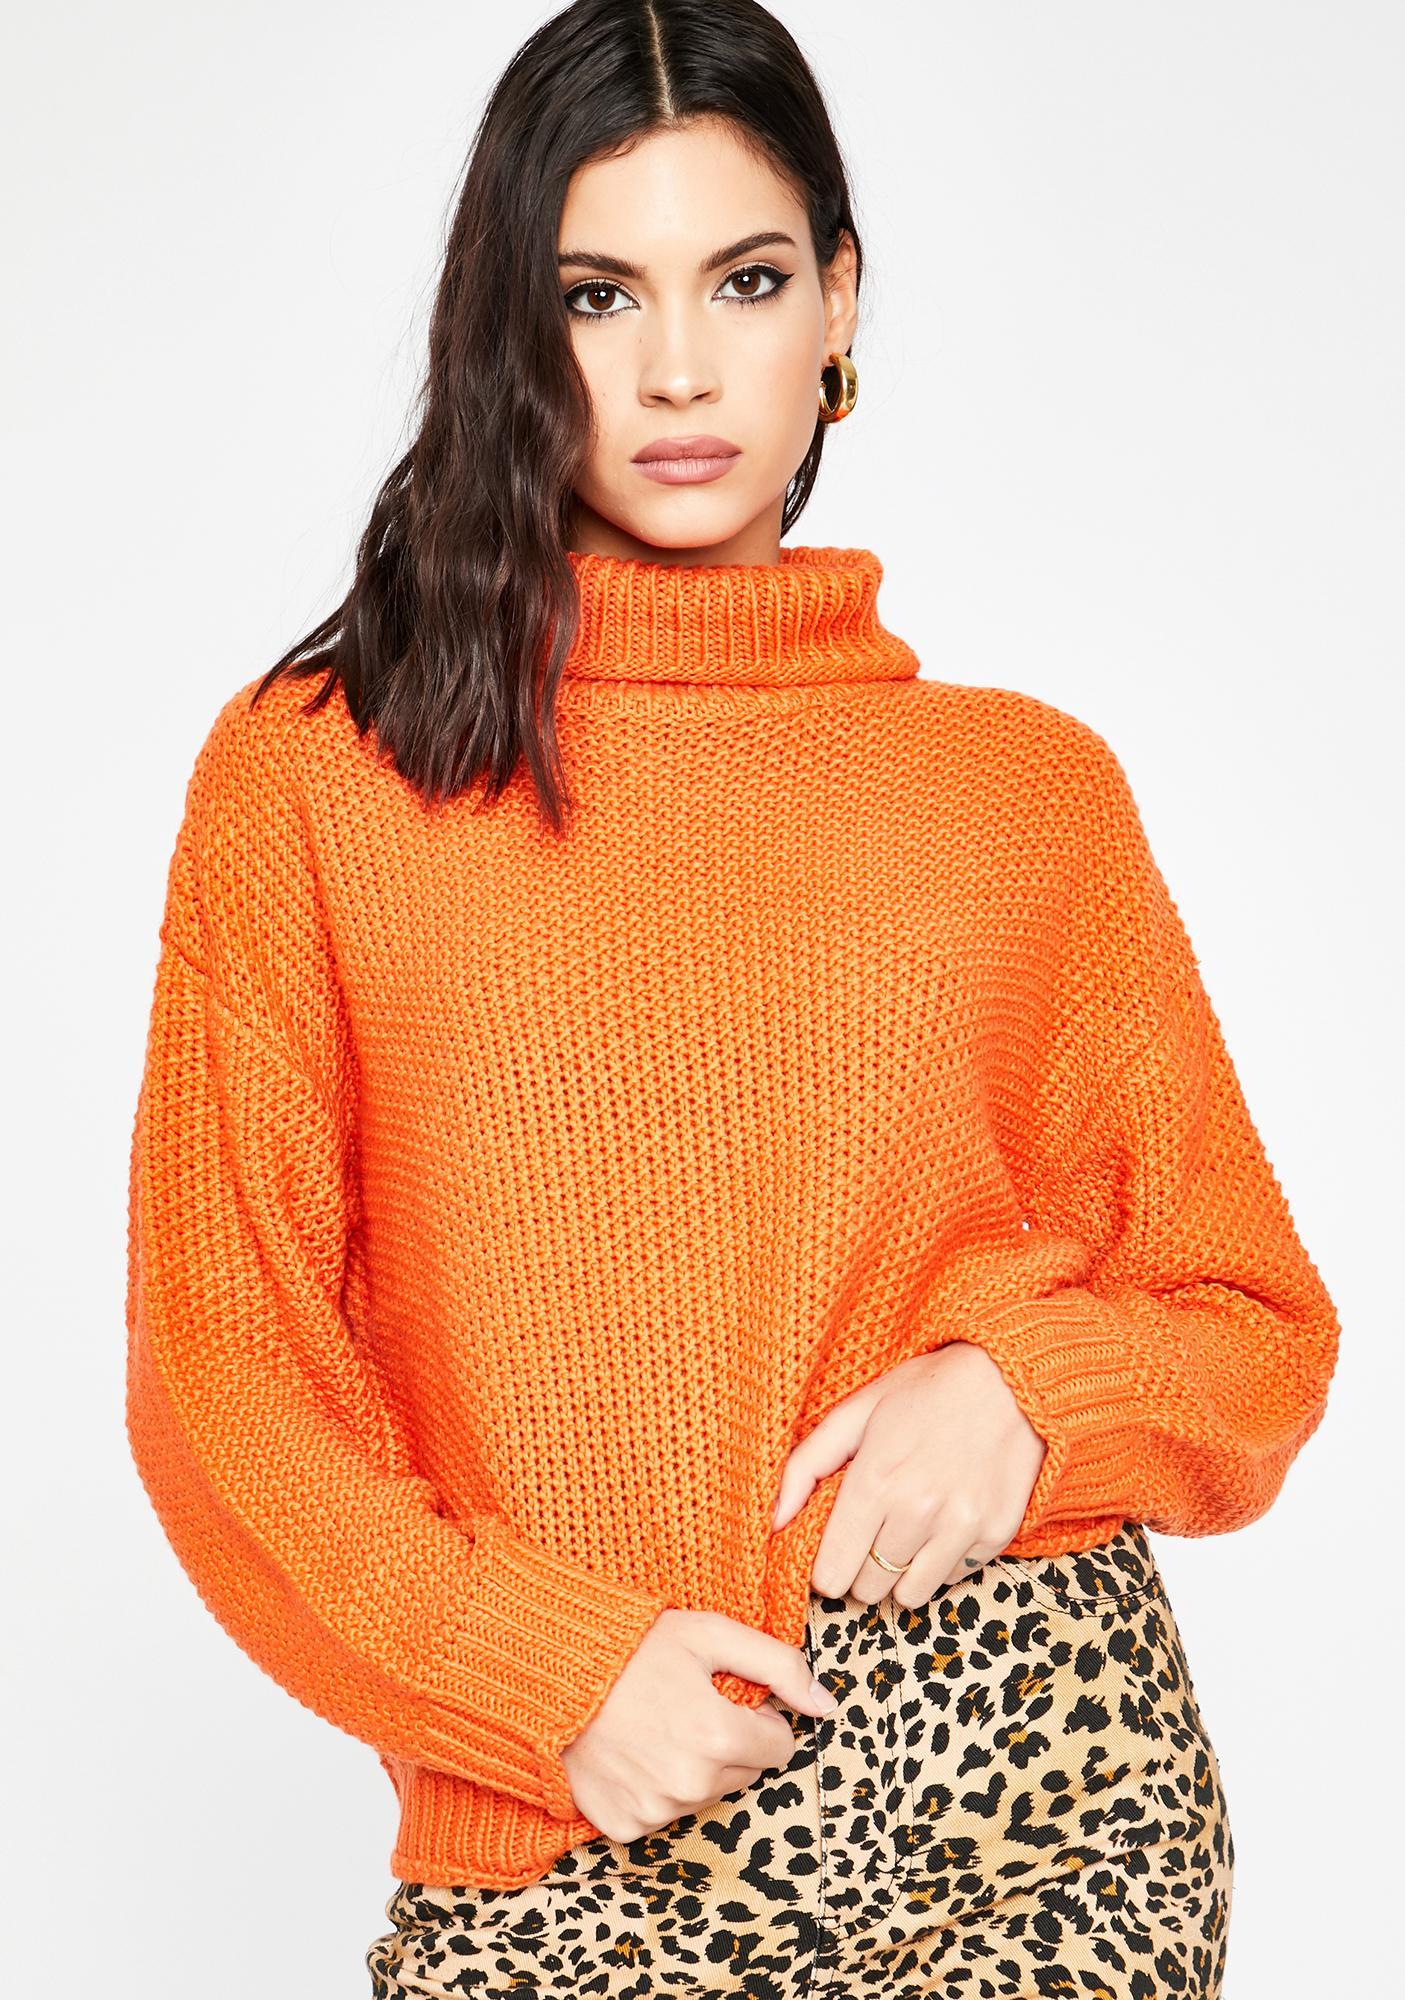 Pumpkin Spice Turtleneck Sweater